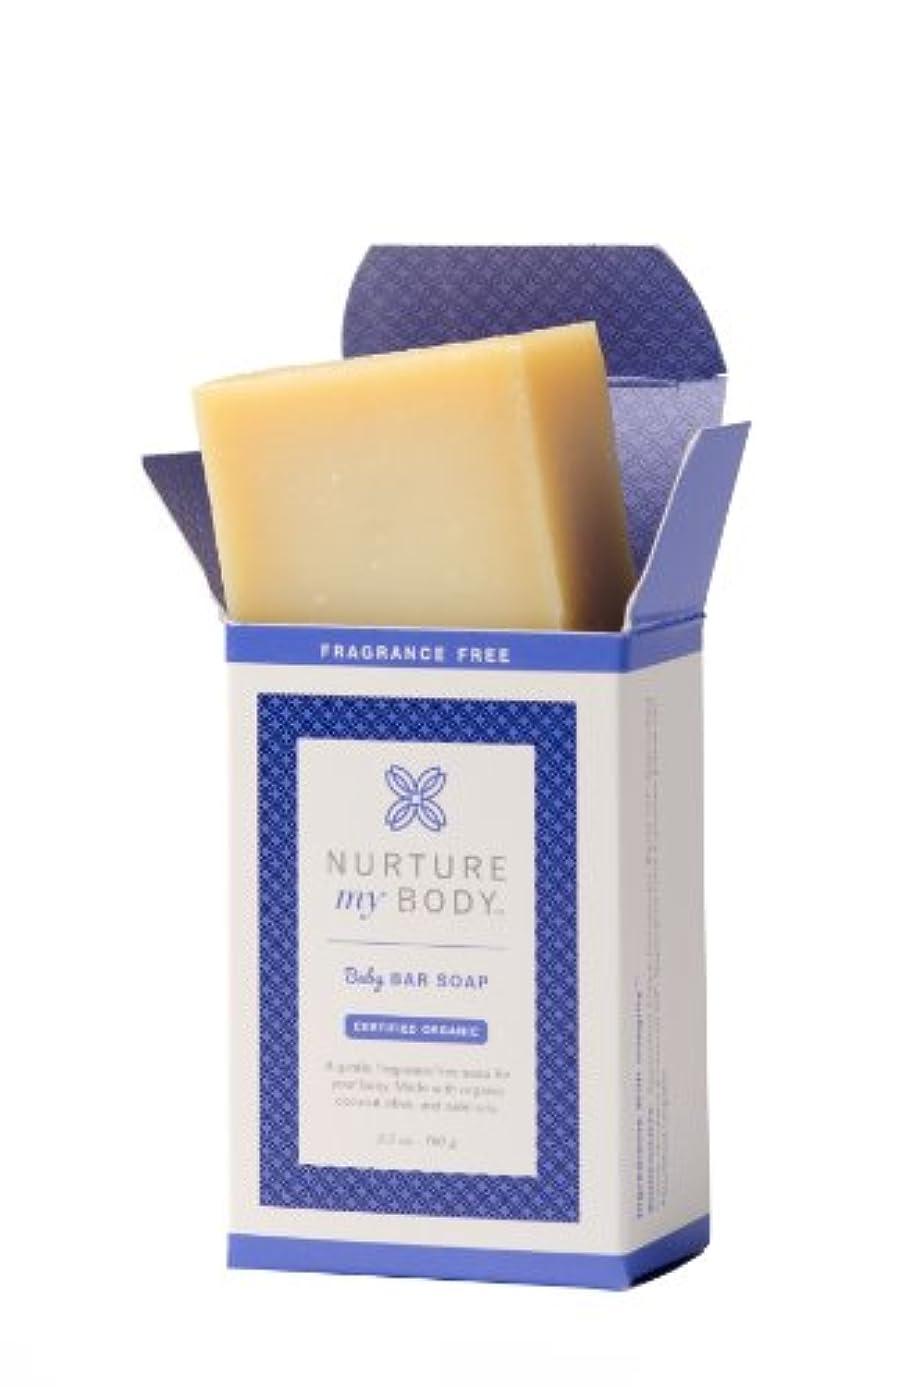 意義地質学聖域Nurture My Body Organic Baby Bar Soap - 100% Organic and All Natural - Enriched with Coconut Oil & Olive Oil (...